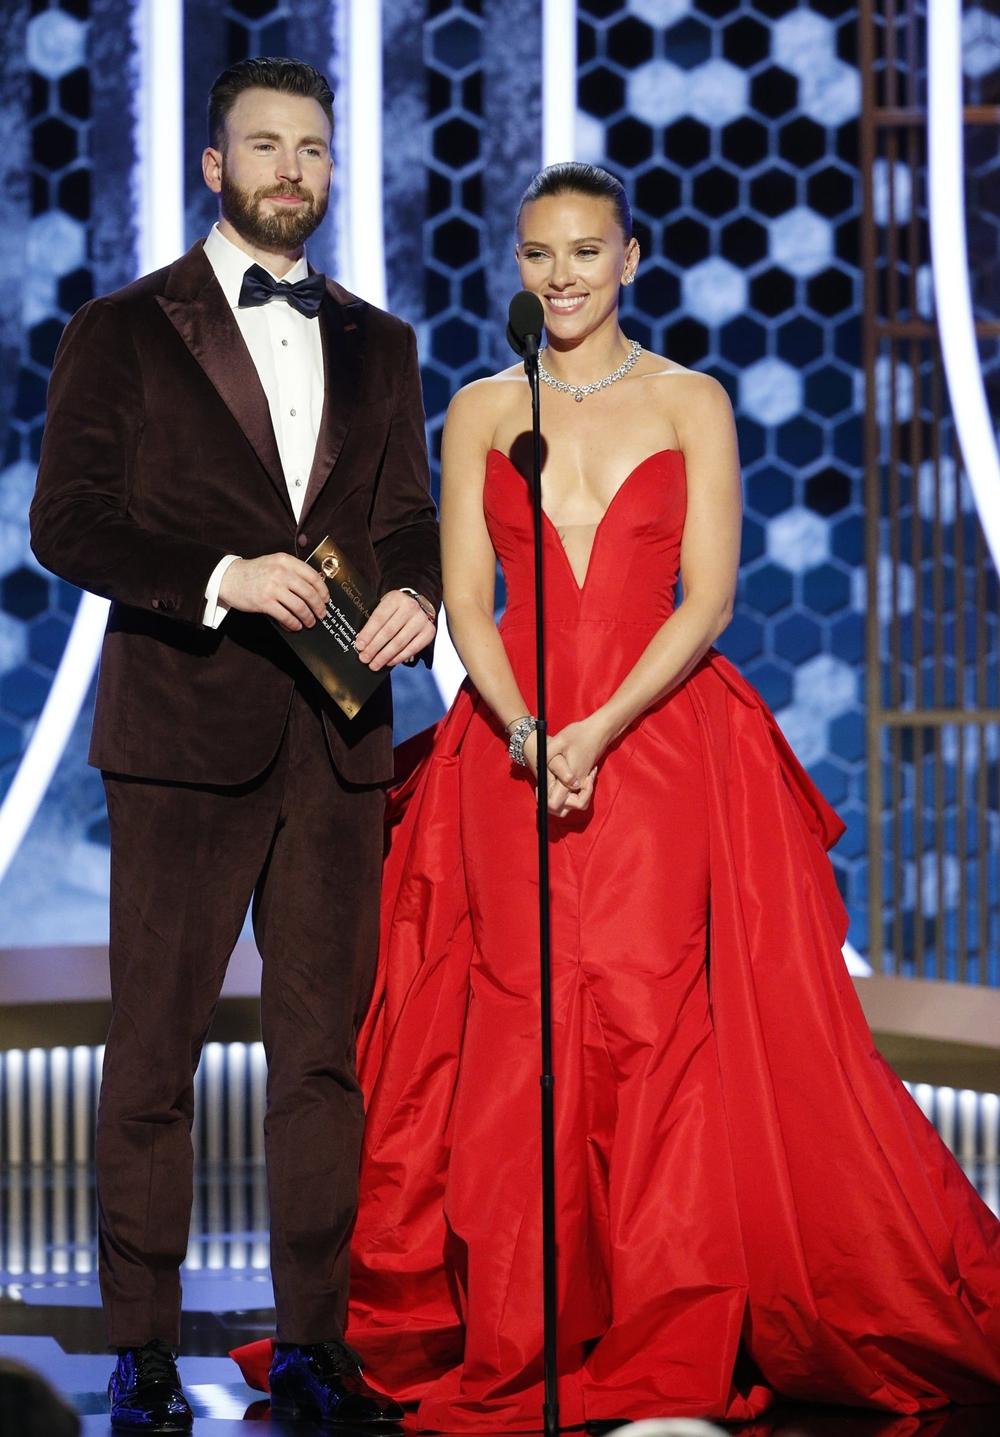 Tại lễ trao giải Quả cầu vàng lần thứ 77 hồi tháng 1, Chris Evans được nhiều đồng nghiệp khen bảnh bao khi diện tuxedo của Isaia, đồng điệu với đầm dạ hội của Scarlett Johansson. Cặp sao được mời trao giải Nam diễn viên xuất sắc.